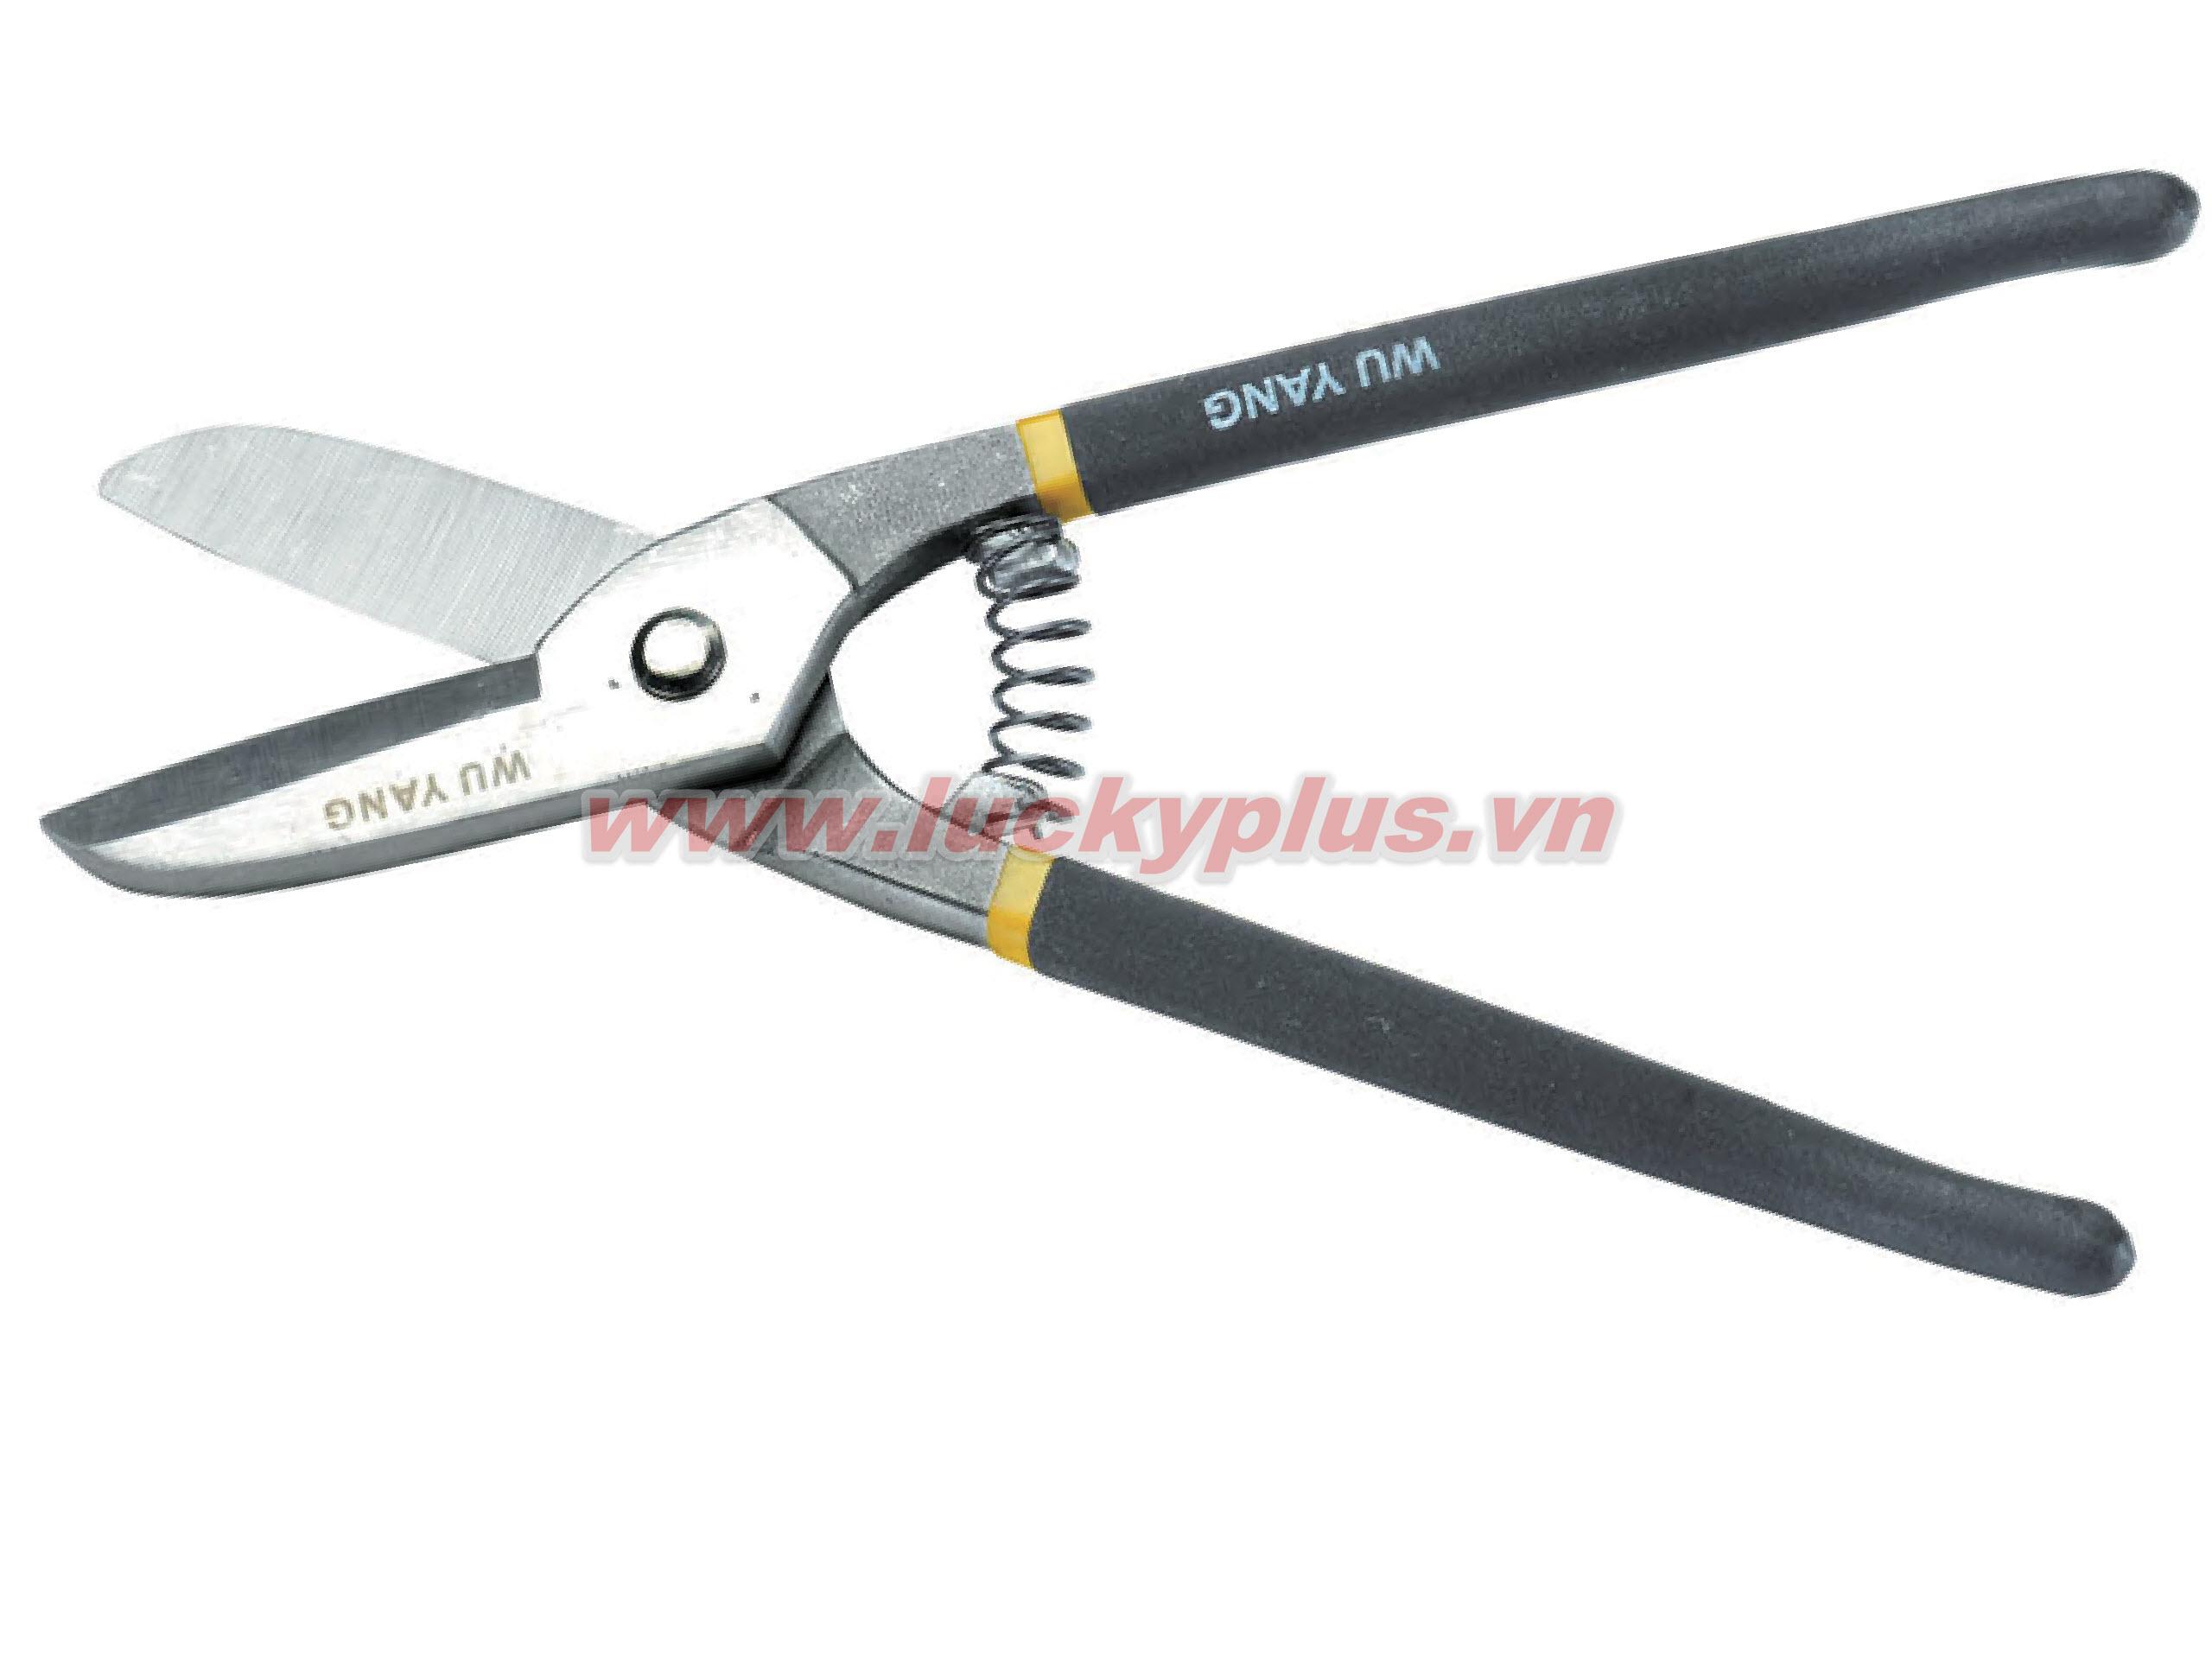 Kéo cắt tôn FiveSheep FJ-308 8''/200mm, FJ-310 10''/250mm, FJ-312 12''/300mm, FJ-314 14''/350mm